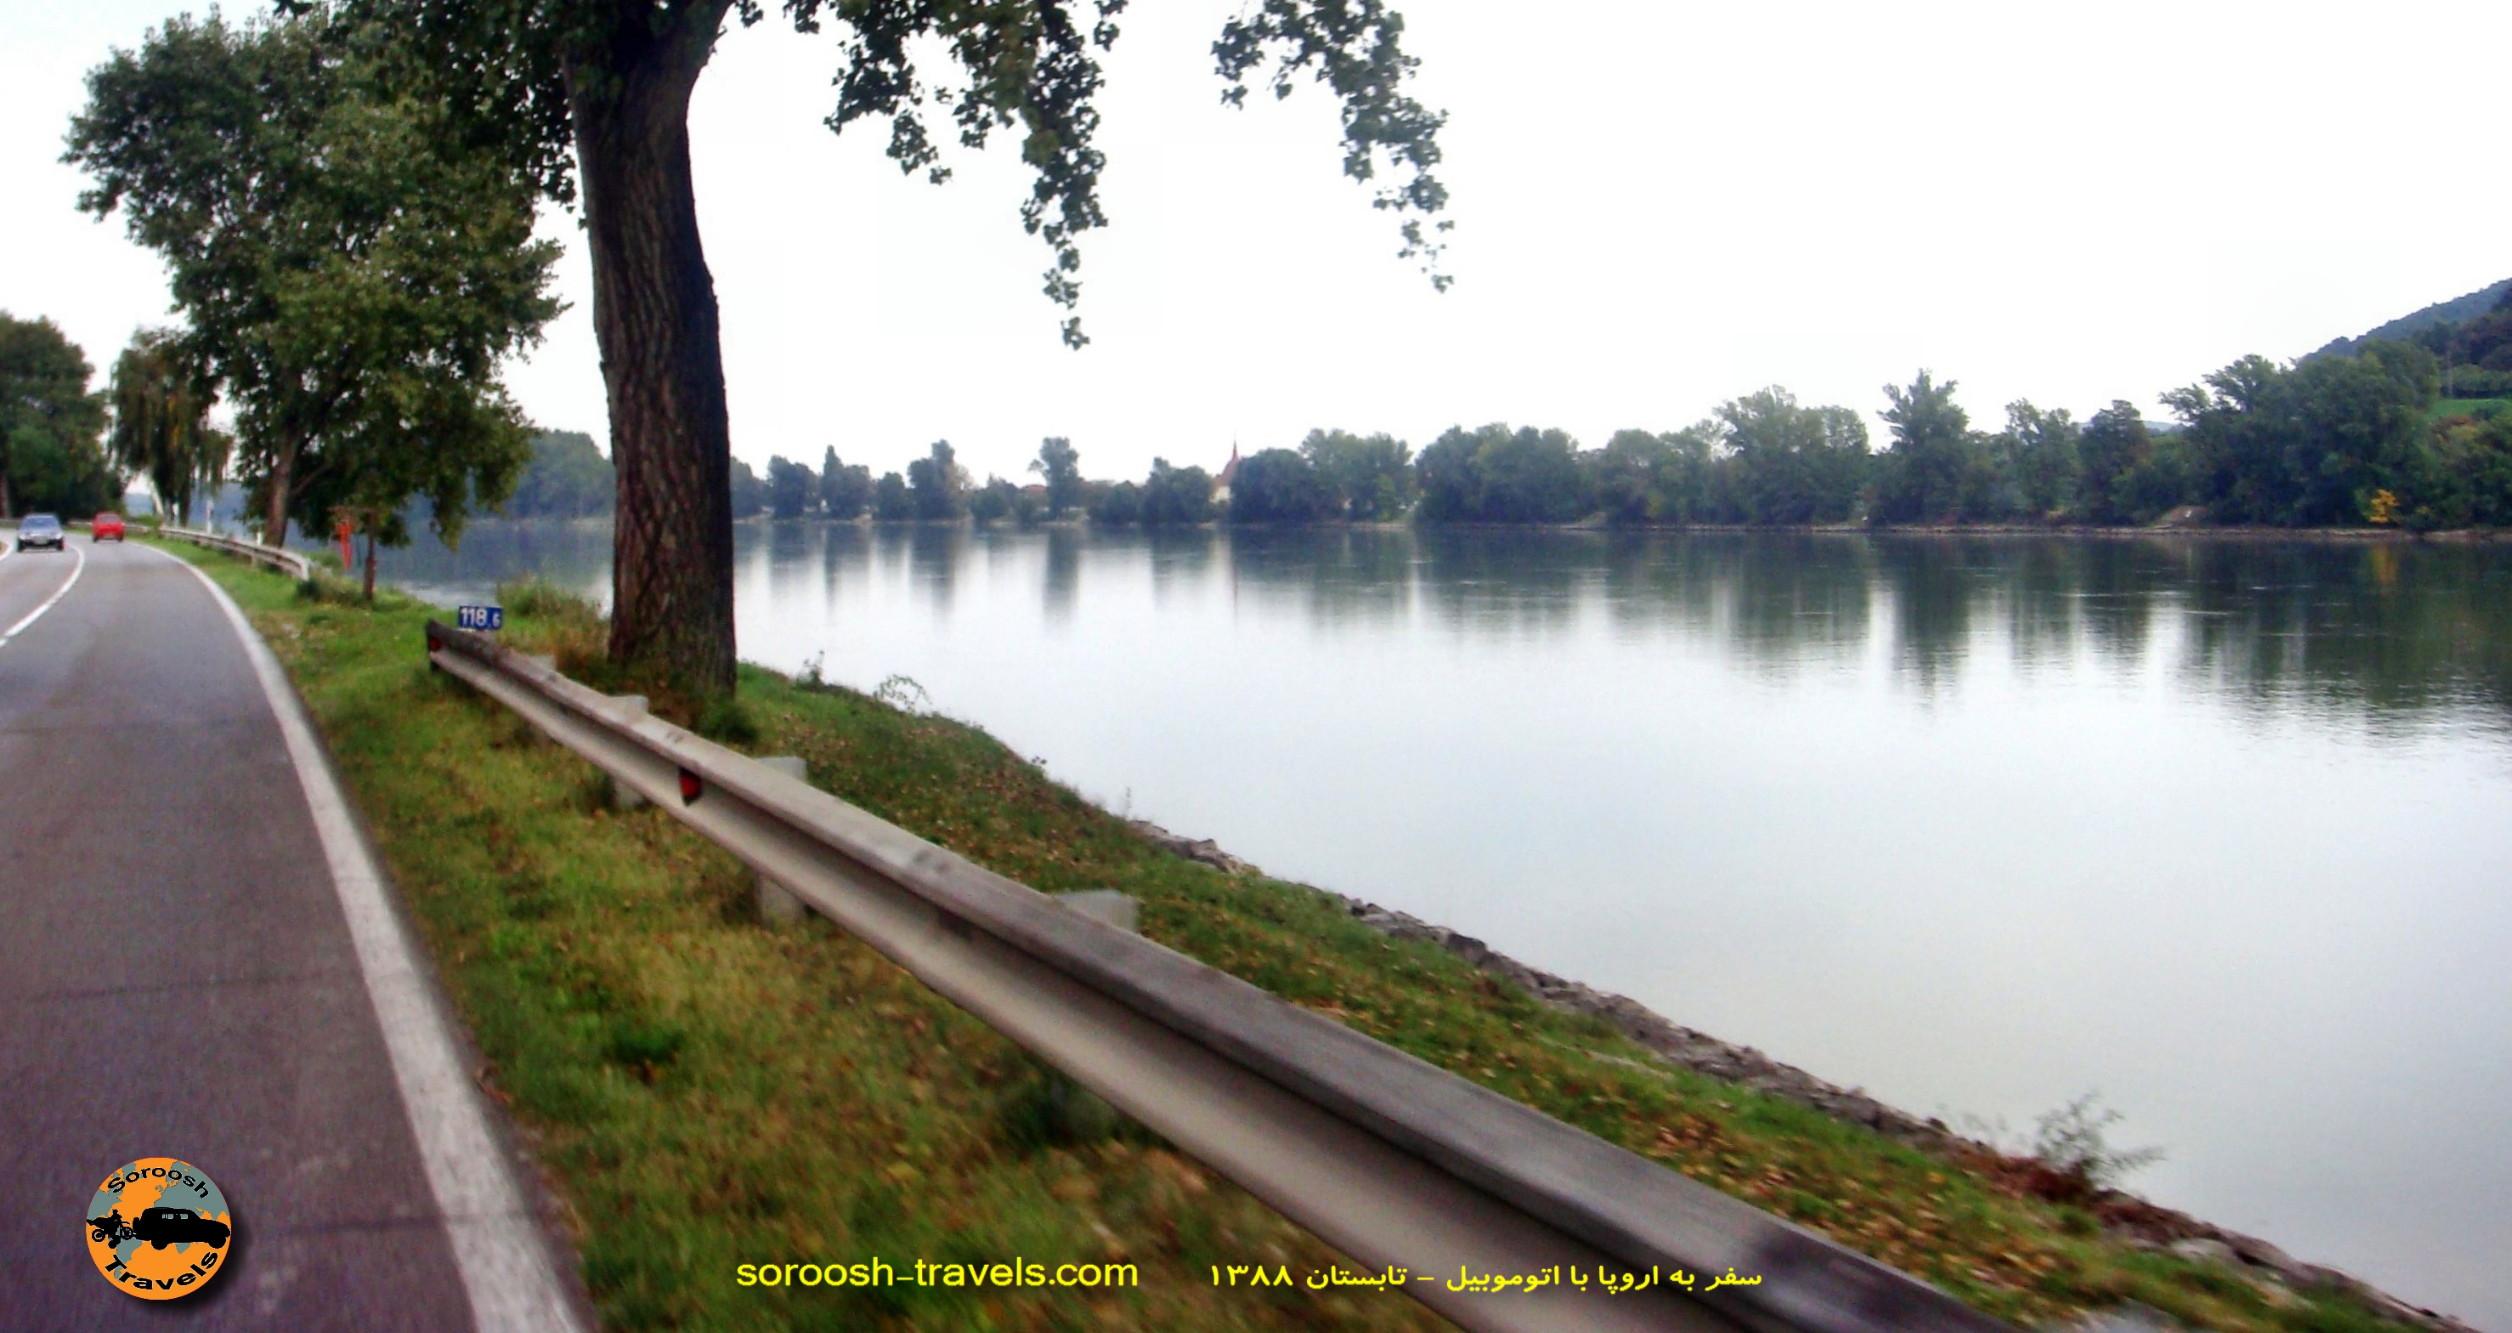 02-mehr-1388-24-september-2009-prague-in-czech-to-vienna-in-austria-9